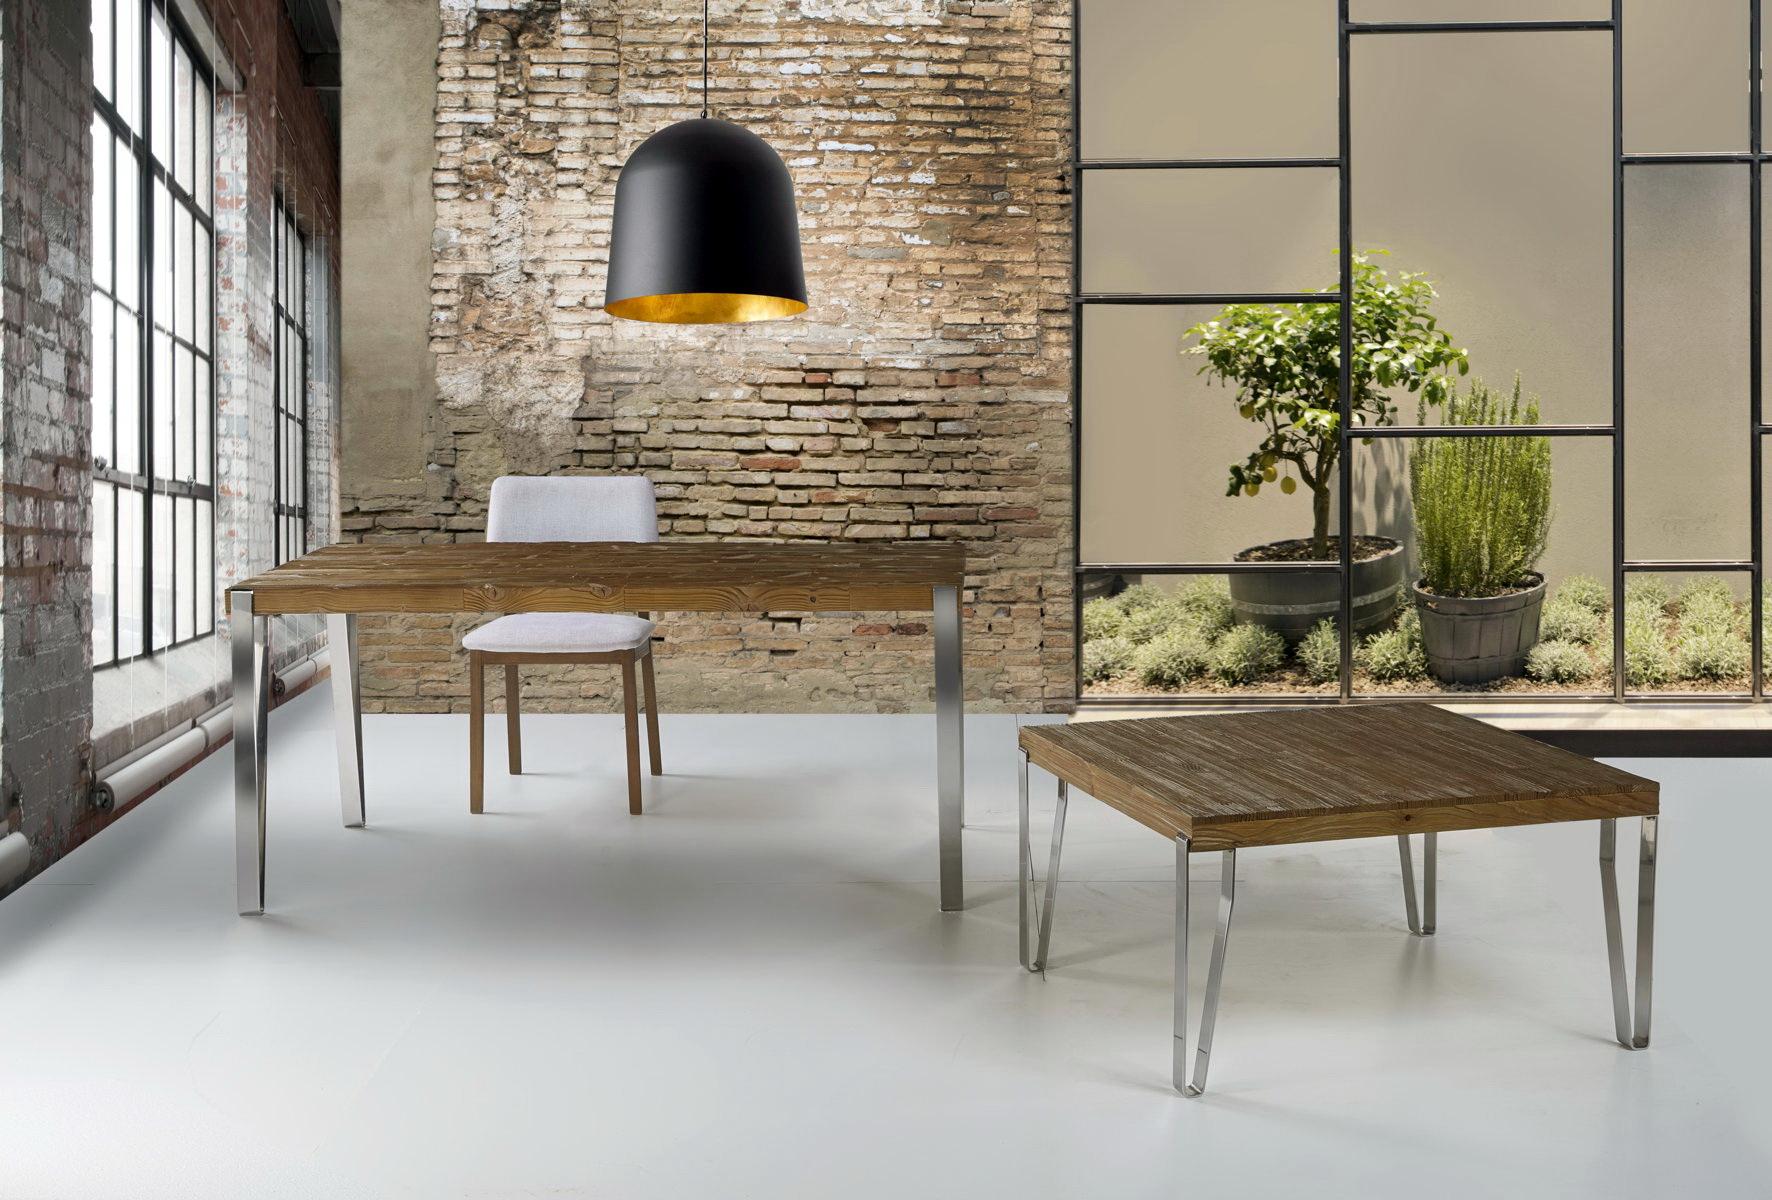 Mesas Comedor Estilo Industrial By Ecopin Muebles Anto N